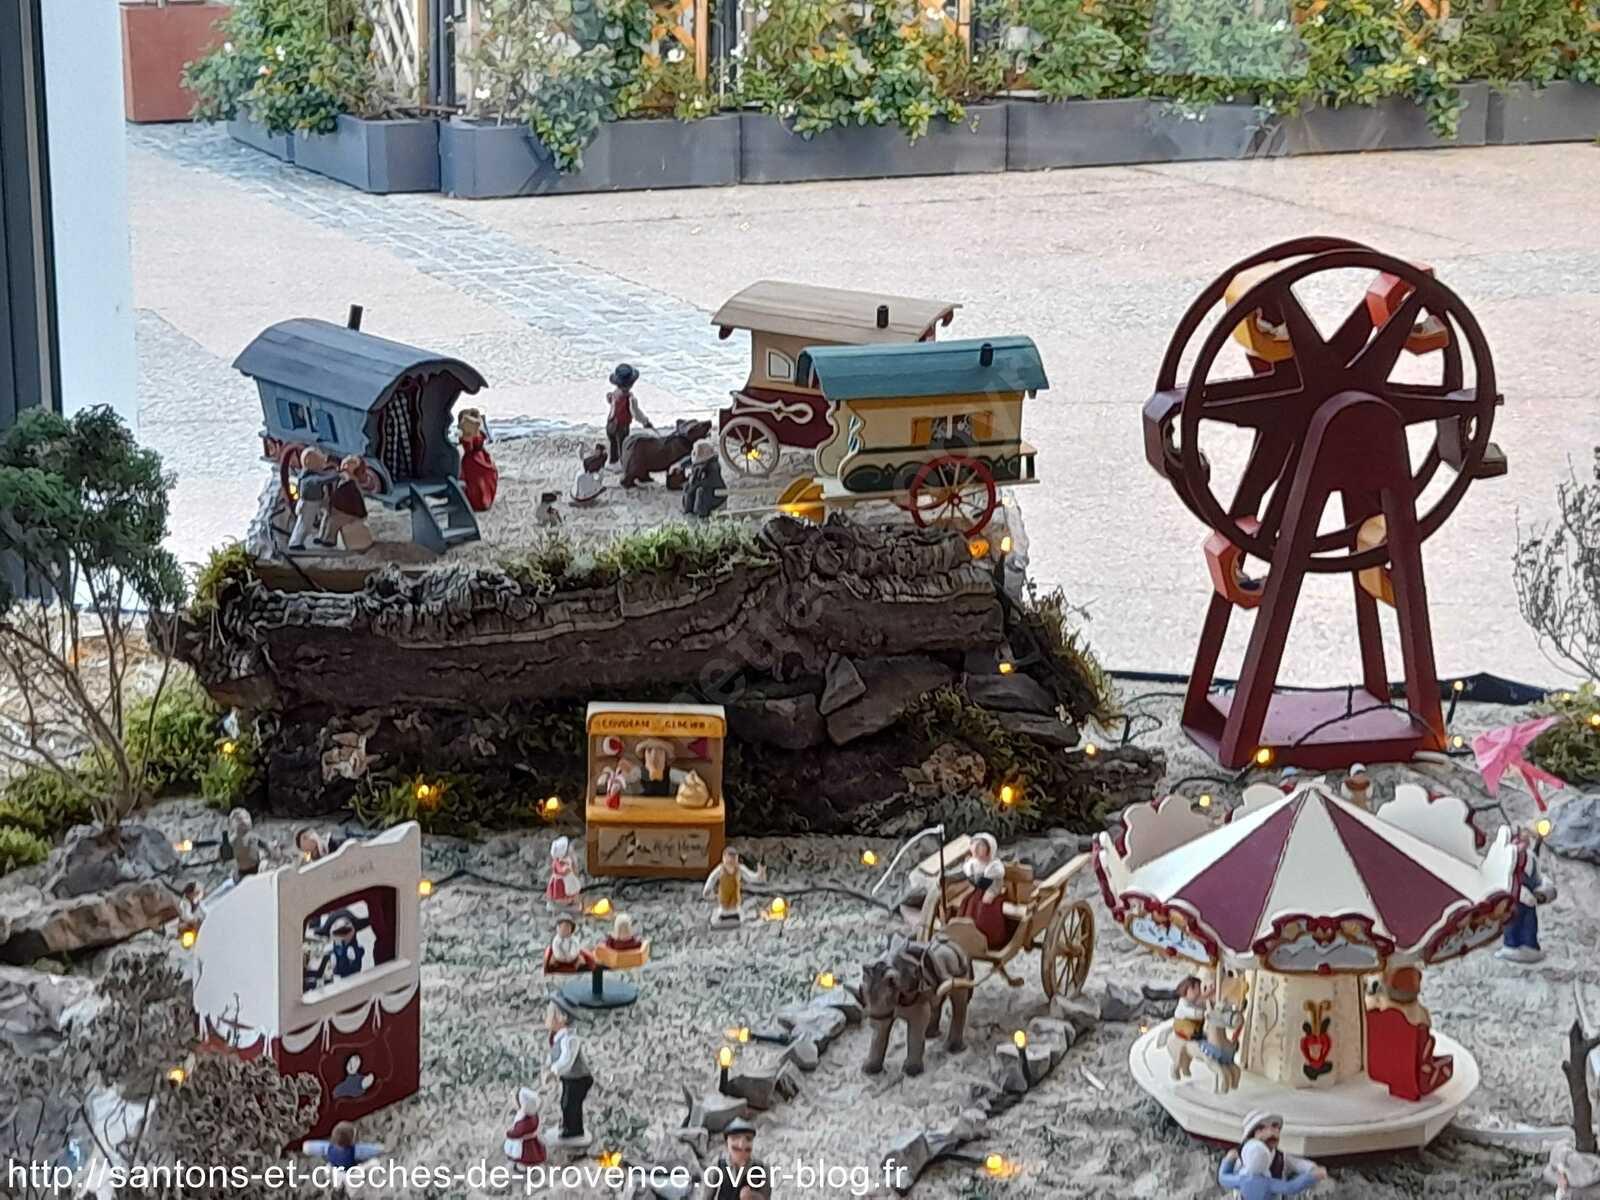 C'est aussi un jour de fête à la base aéronavale, le glacier, le théâtre de guignol, le carrousel, les roulottes et la grande roue de Thierry. La route qui relie l'Italie aux Saintes-Maries-de-la-Mer haut lieu de pèlerinage des gitans passent par Fréjus, ces derniers y faisaient une escale.